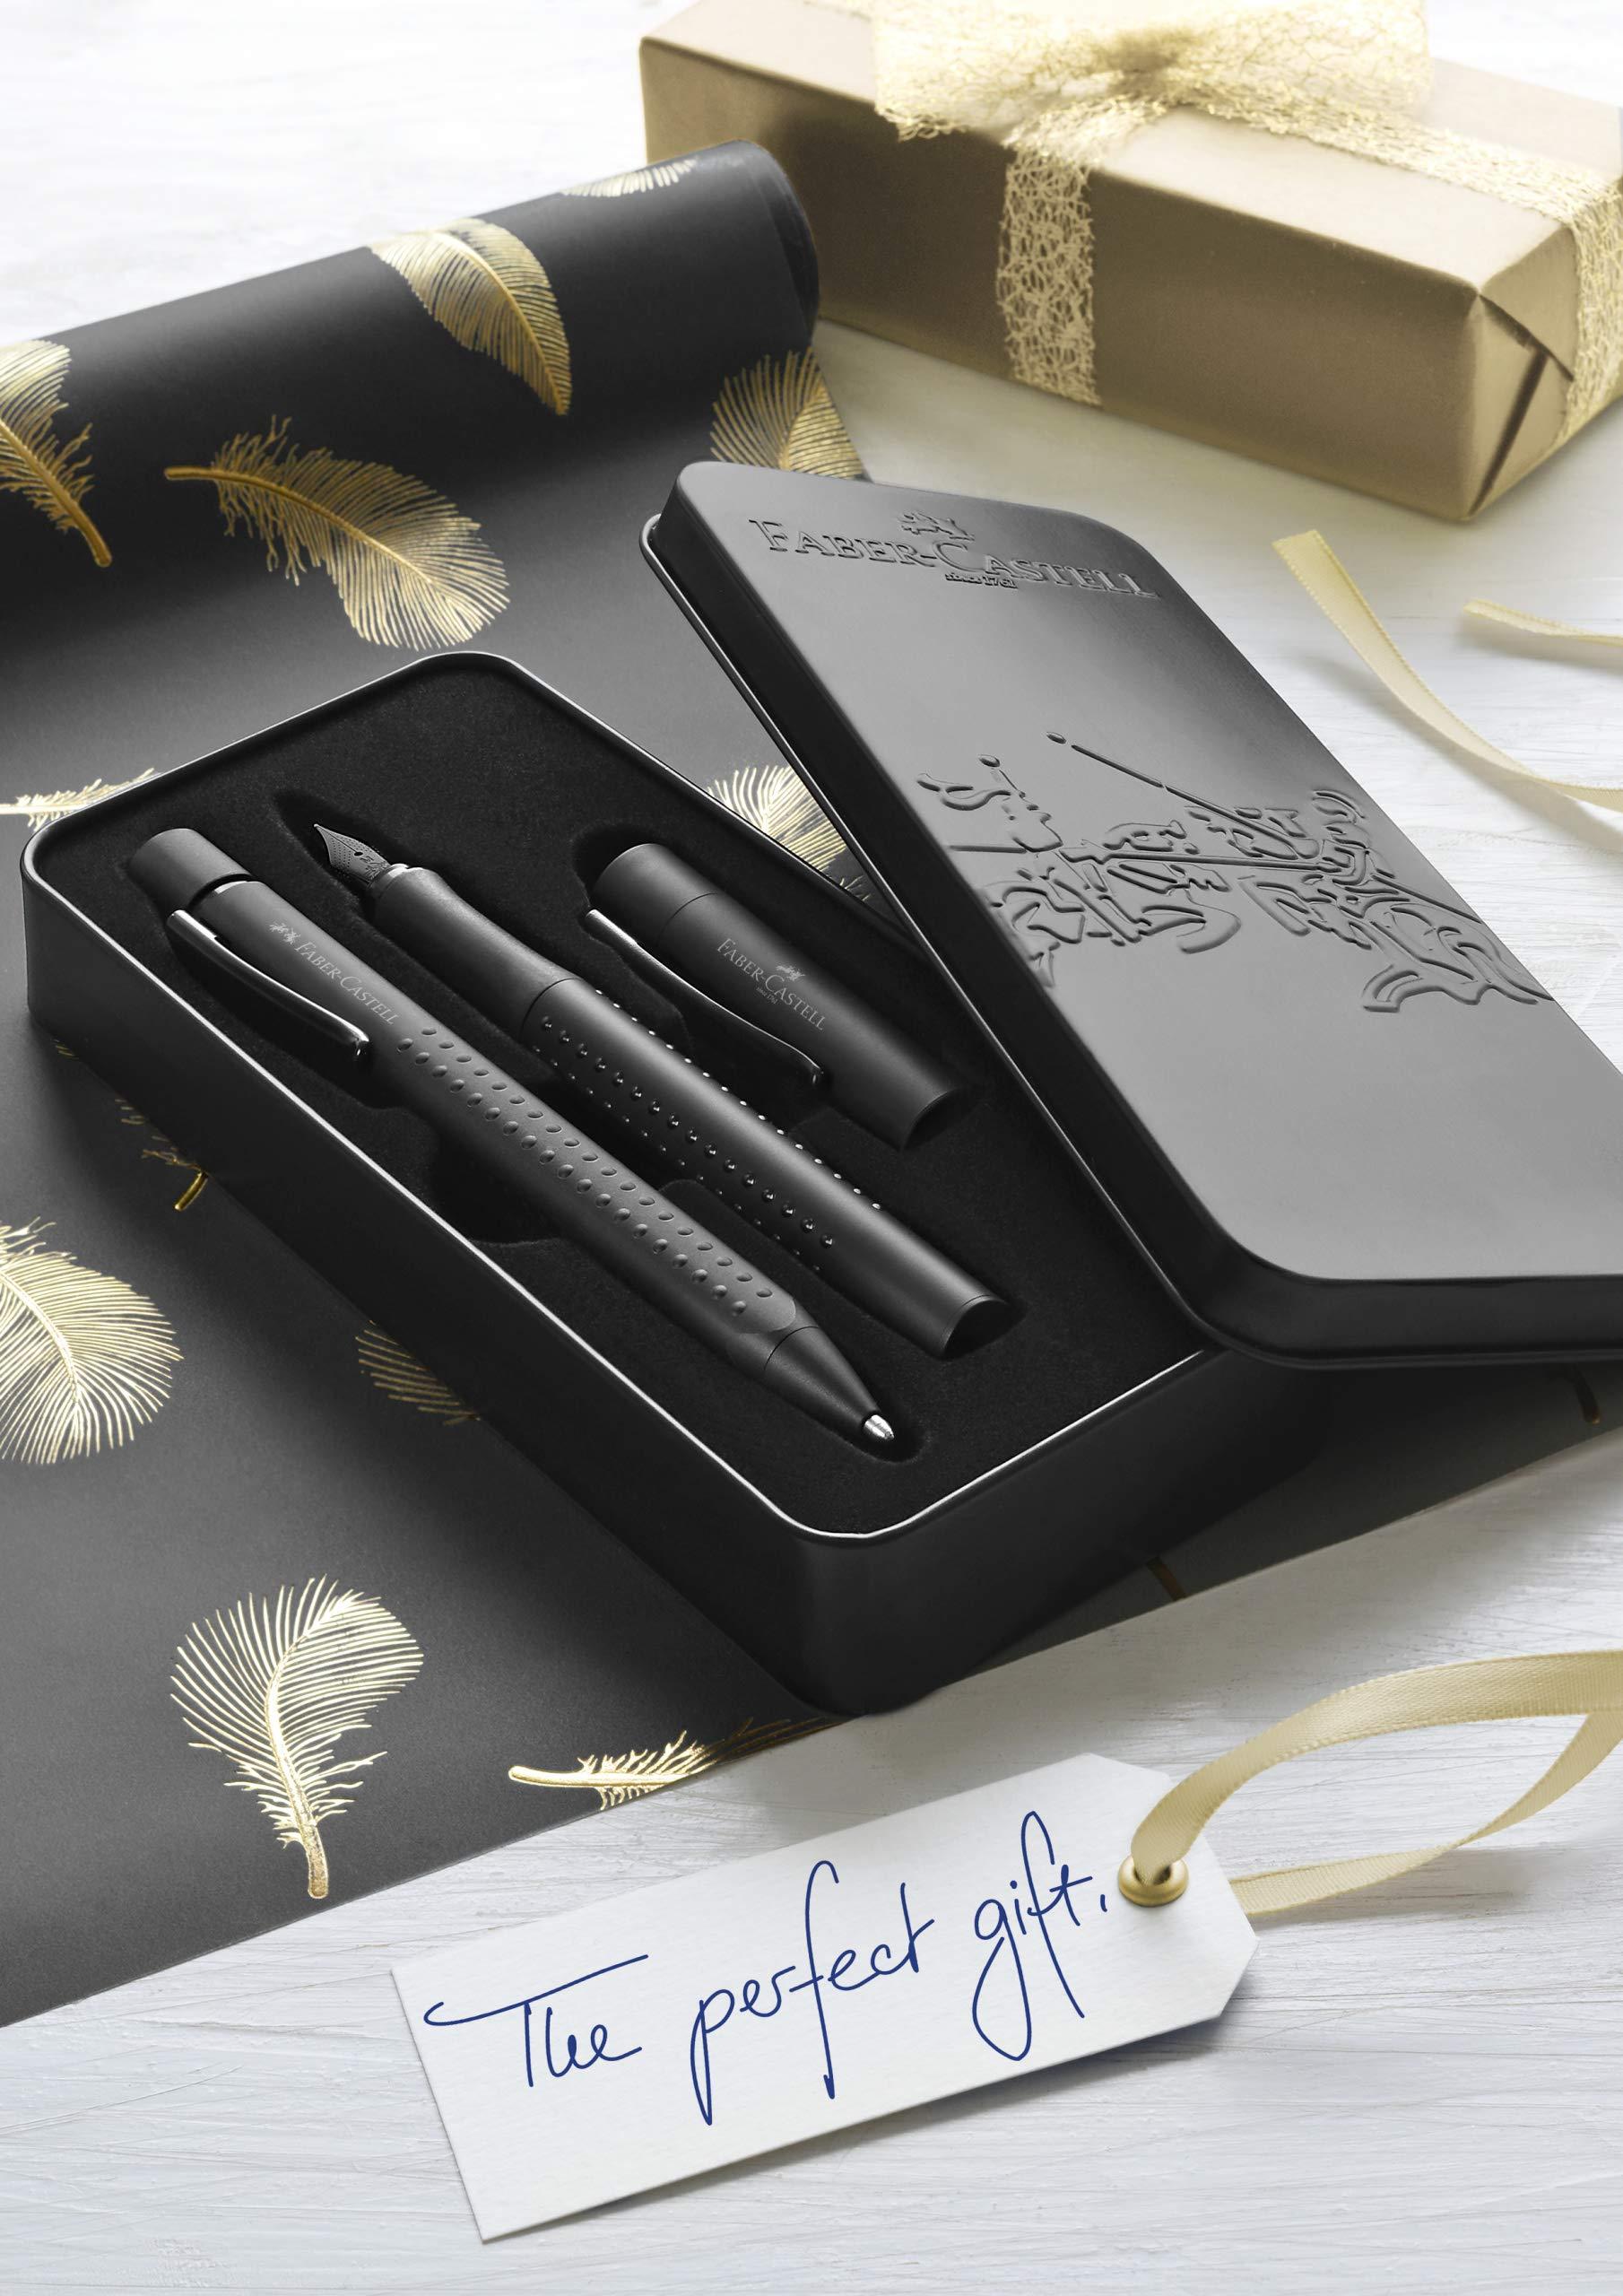 Juego de regalo Faber-Castell 201626 Grip Edition, plumín ancho M y bolígrafo con mina XB, en estuche de metal de alta…